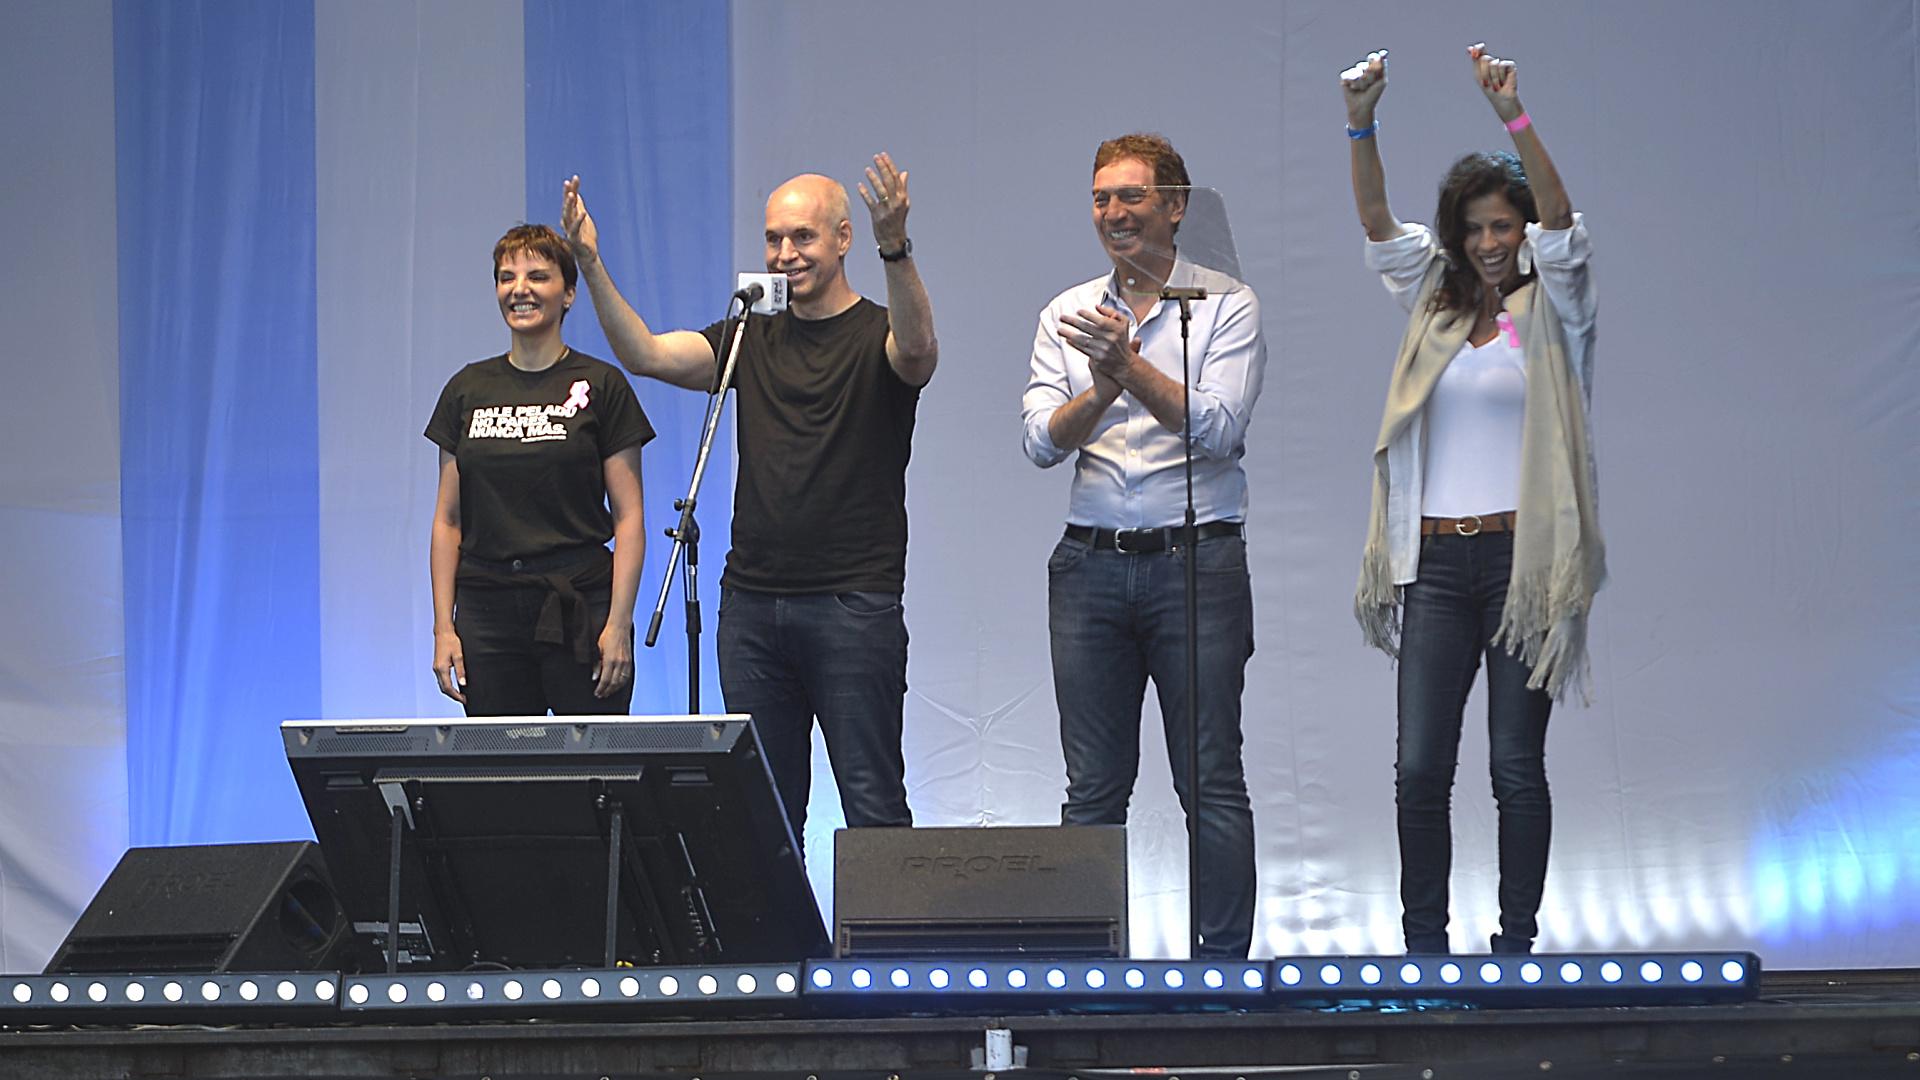 El jefe y el vice jefe de Gobierno de la Ciudad de Buenos Aires, Horacio Rdoríguez Larreta y Diego Santilli, con sus esposas, Bárbara Diez y Analía Maiorana